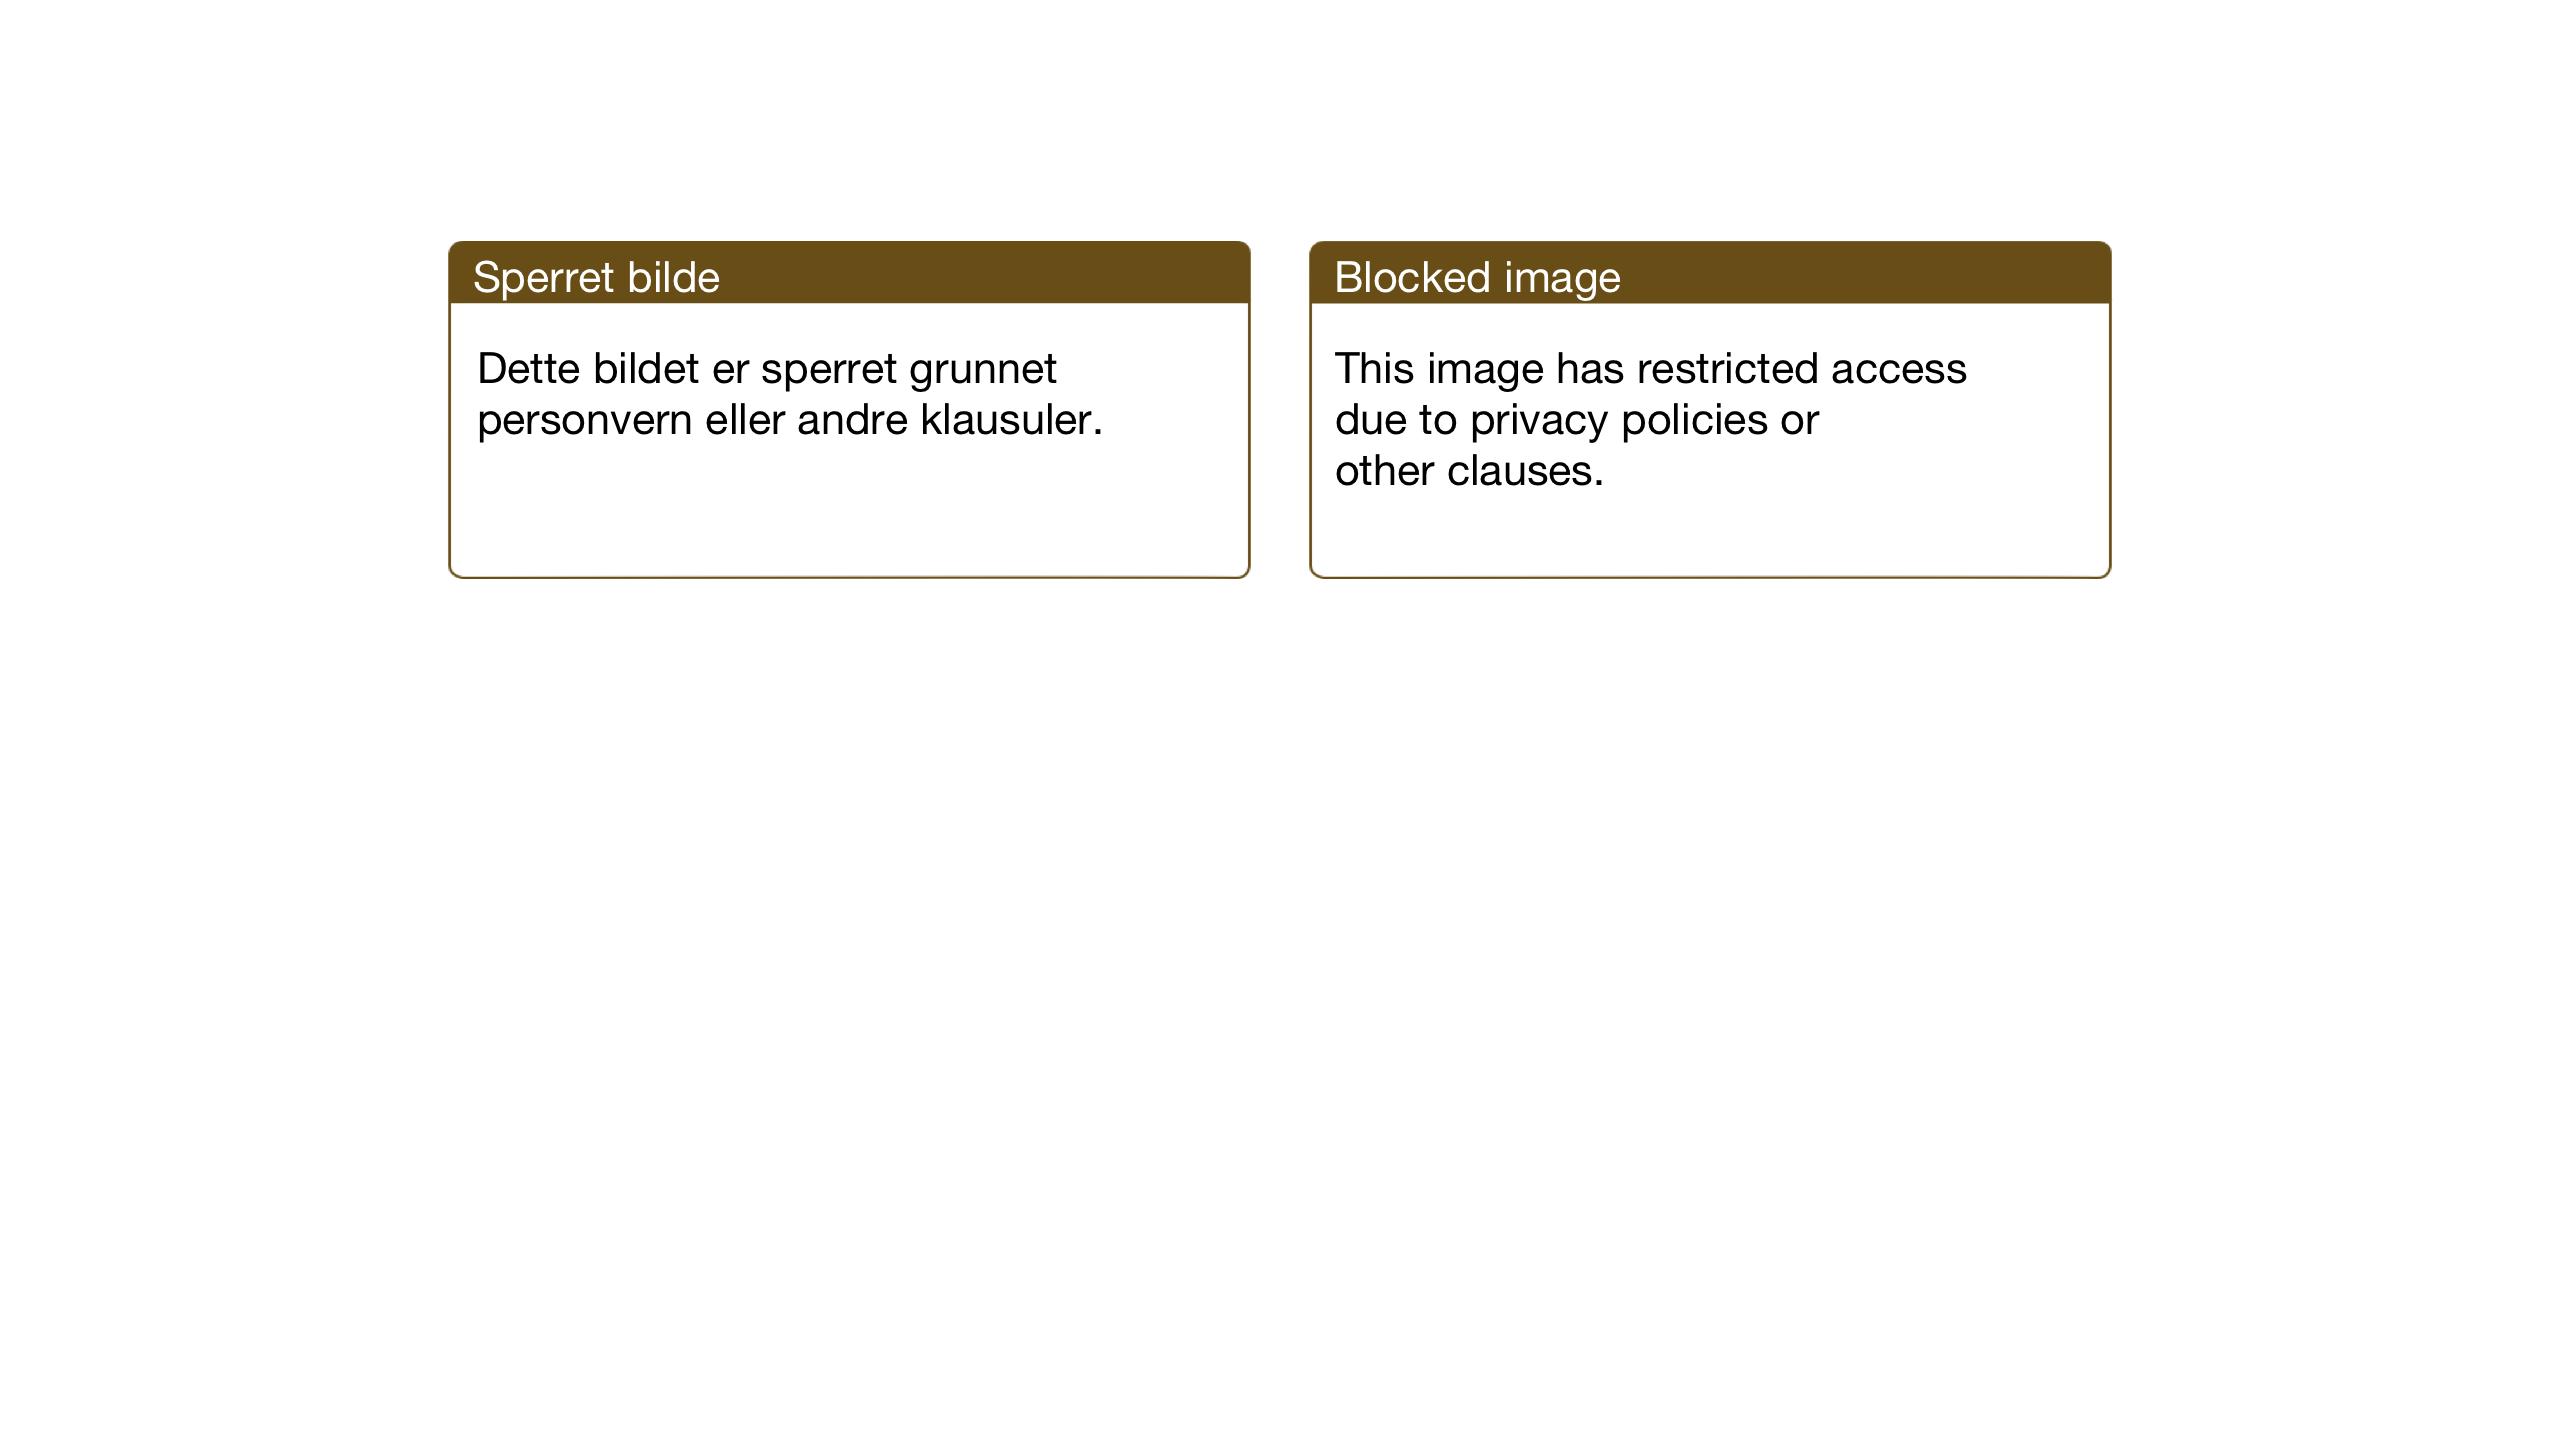 SAT, Ministerialprotokoller, klokkerbøker og fødselsregistre - Nord-Trøndelag, 733/L0328: Klokkerbok nr. 733C03, 1919-1966, s. 35